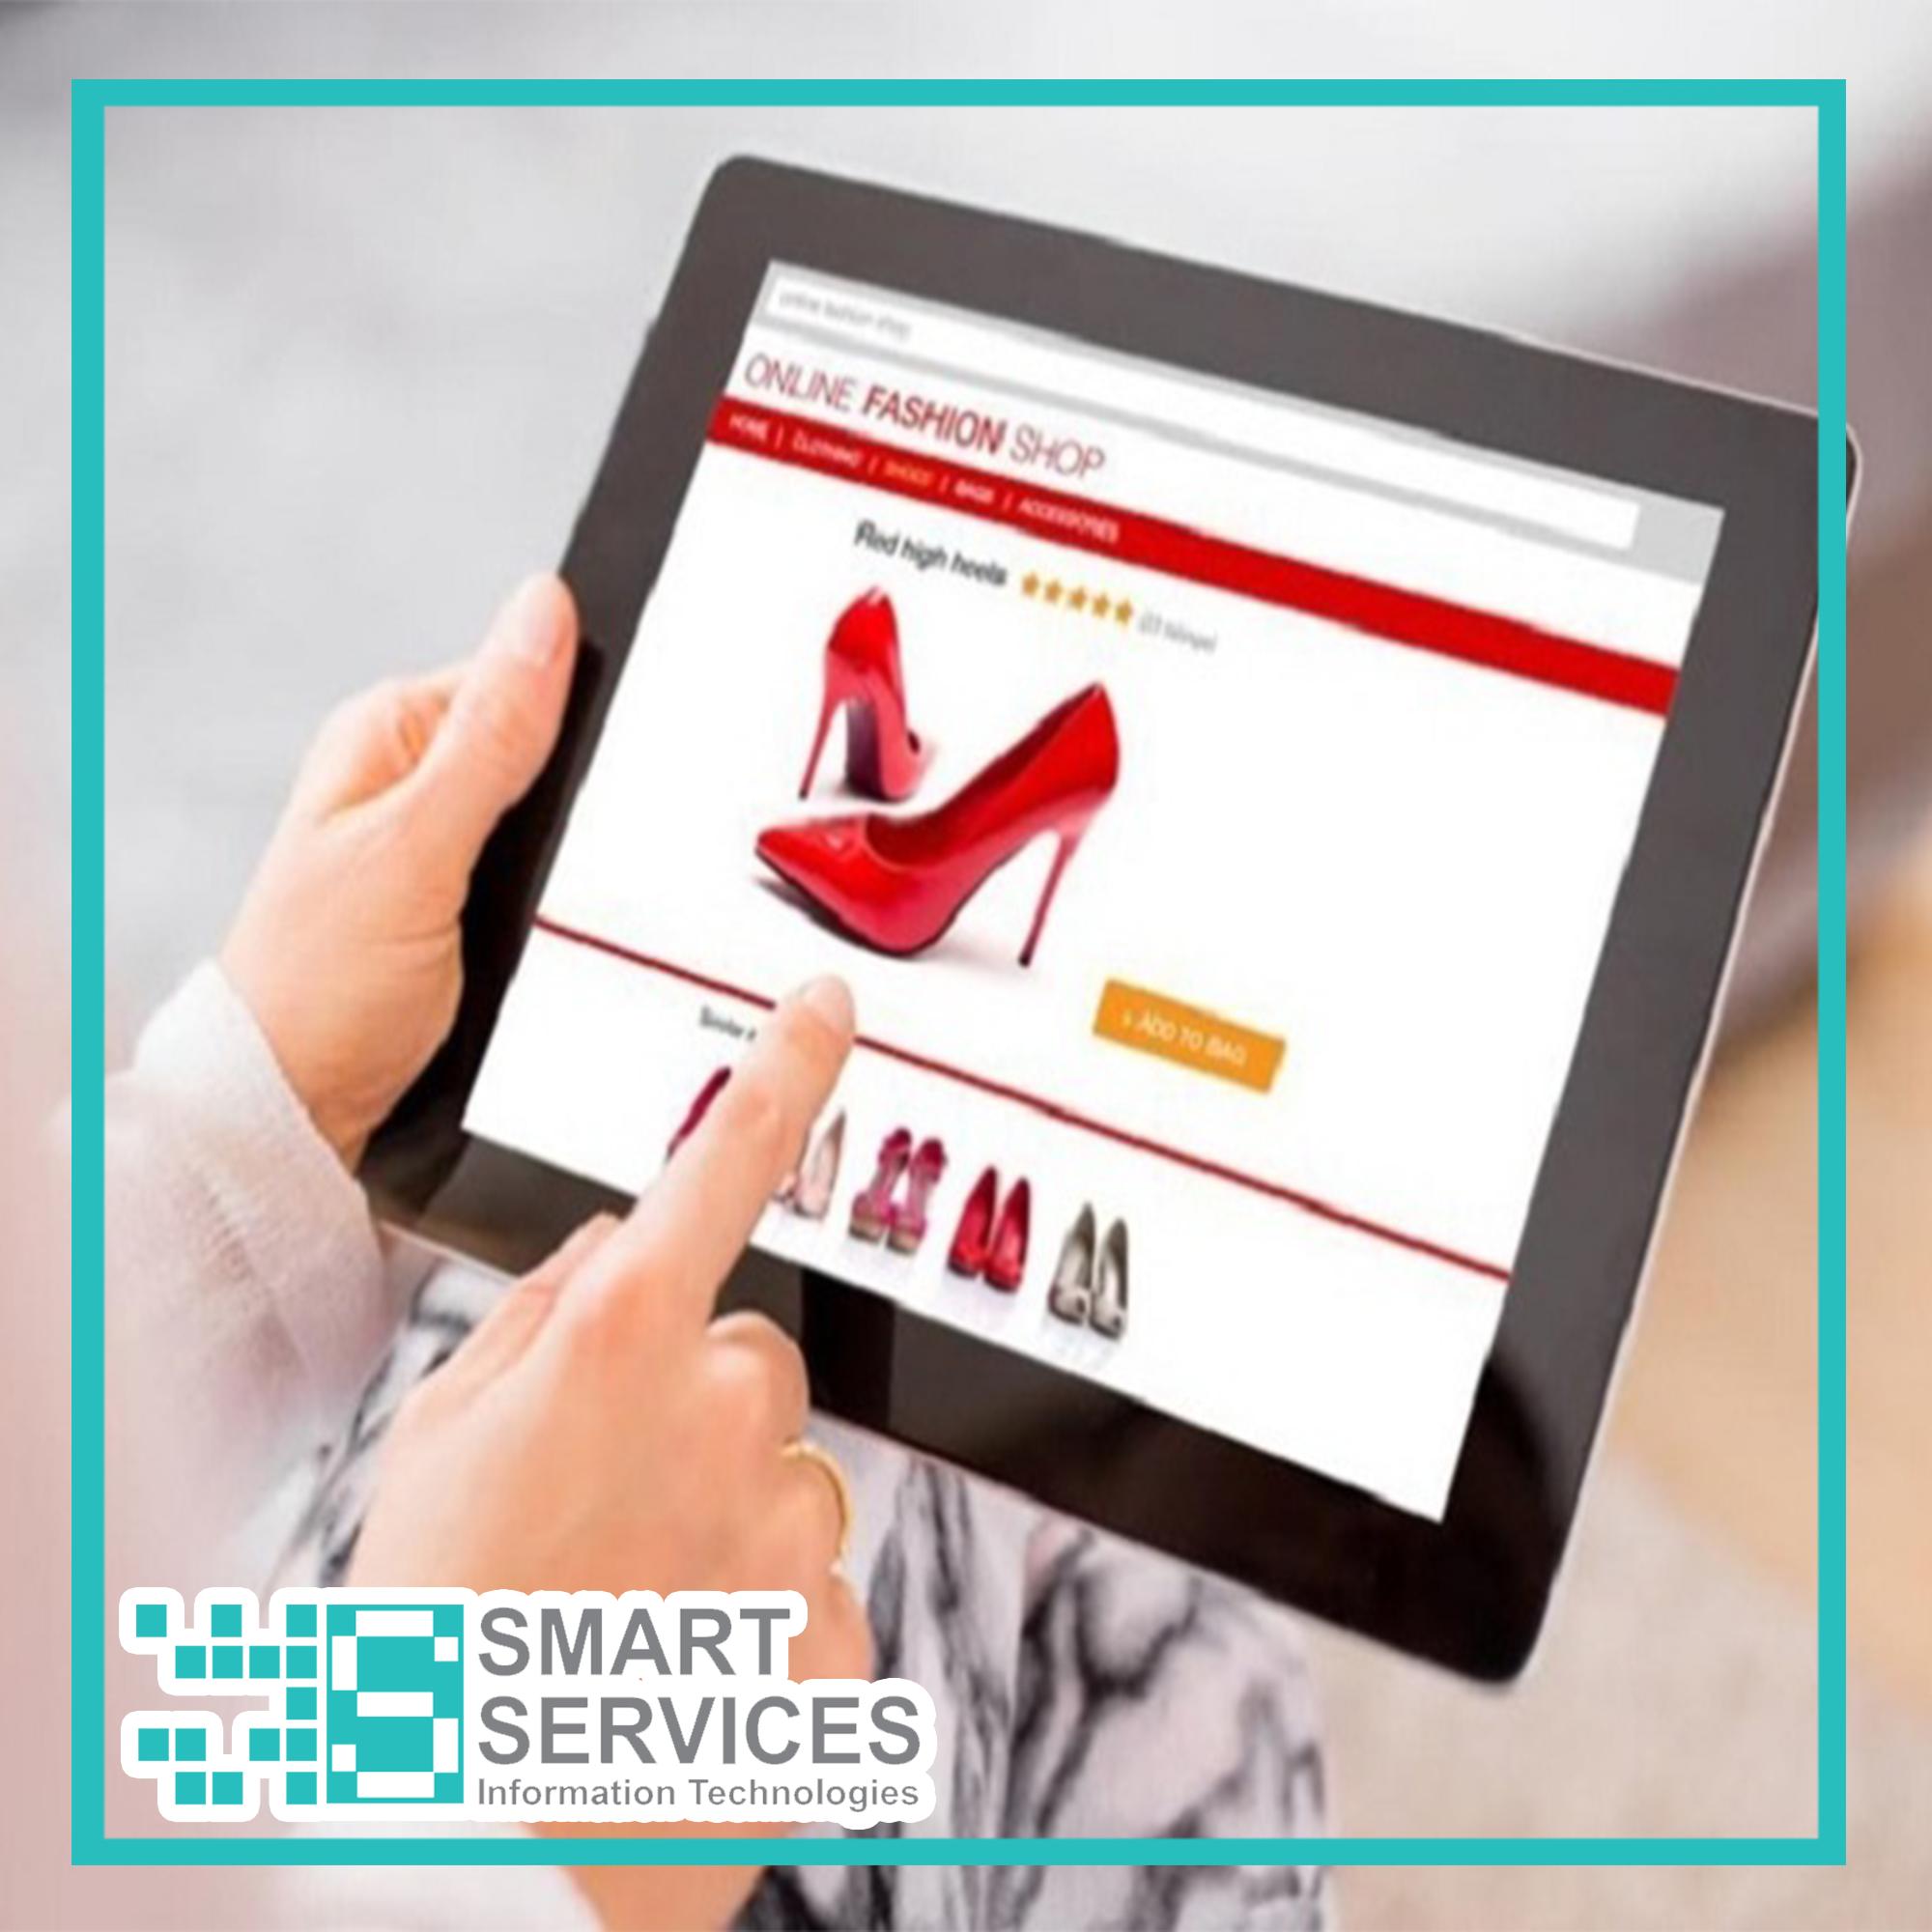 مراحل تصميم الموقع الإلكترونى 1 تحديد الهدف Goal Identification من تصميم الموقع 2 تعريف النطاق Scope Identification In 2020 Myntra Fashion Online Shop Online